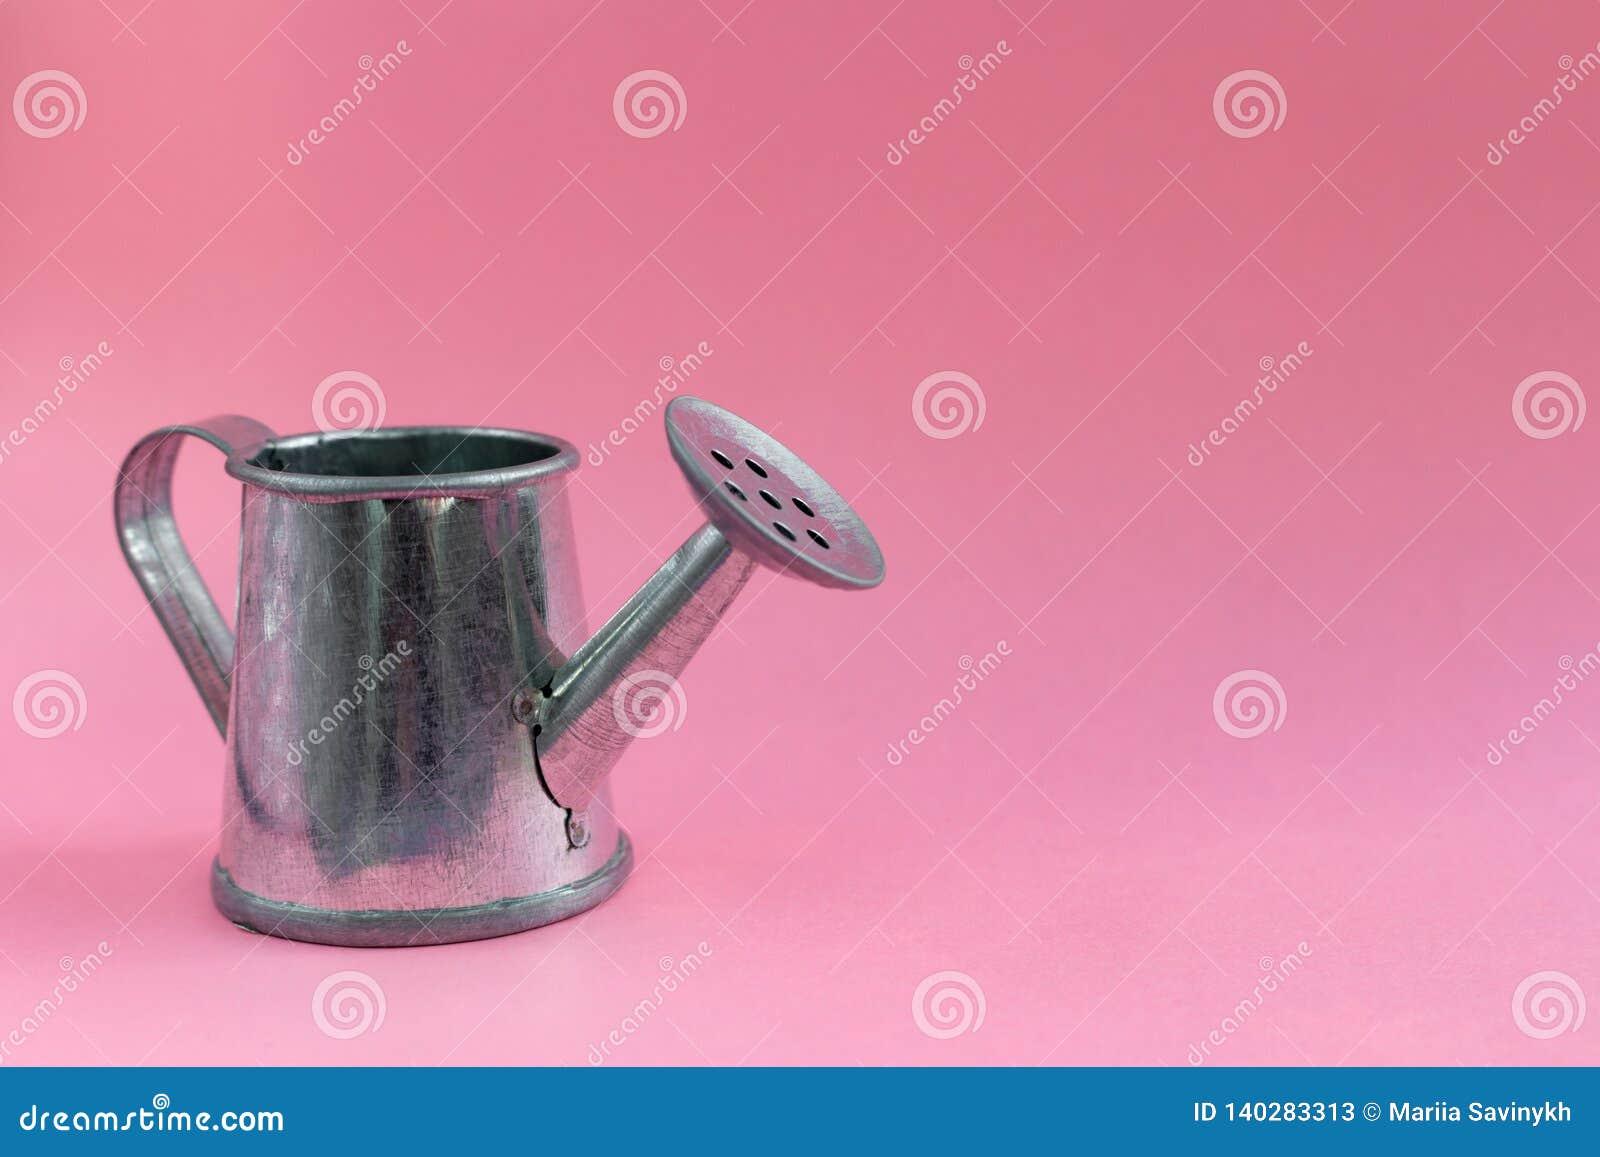 在五颜六色的桃红色背景的金属钢喷壶